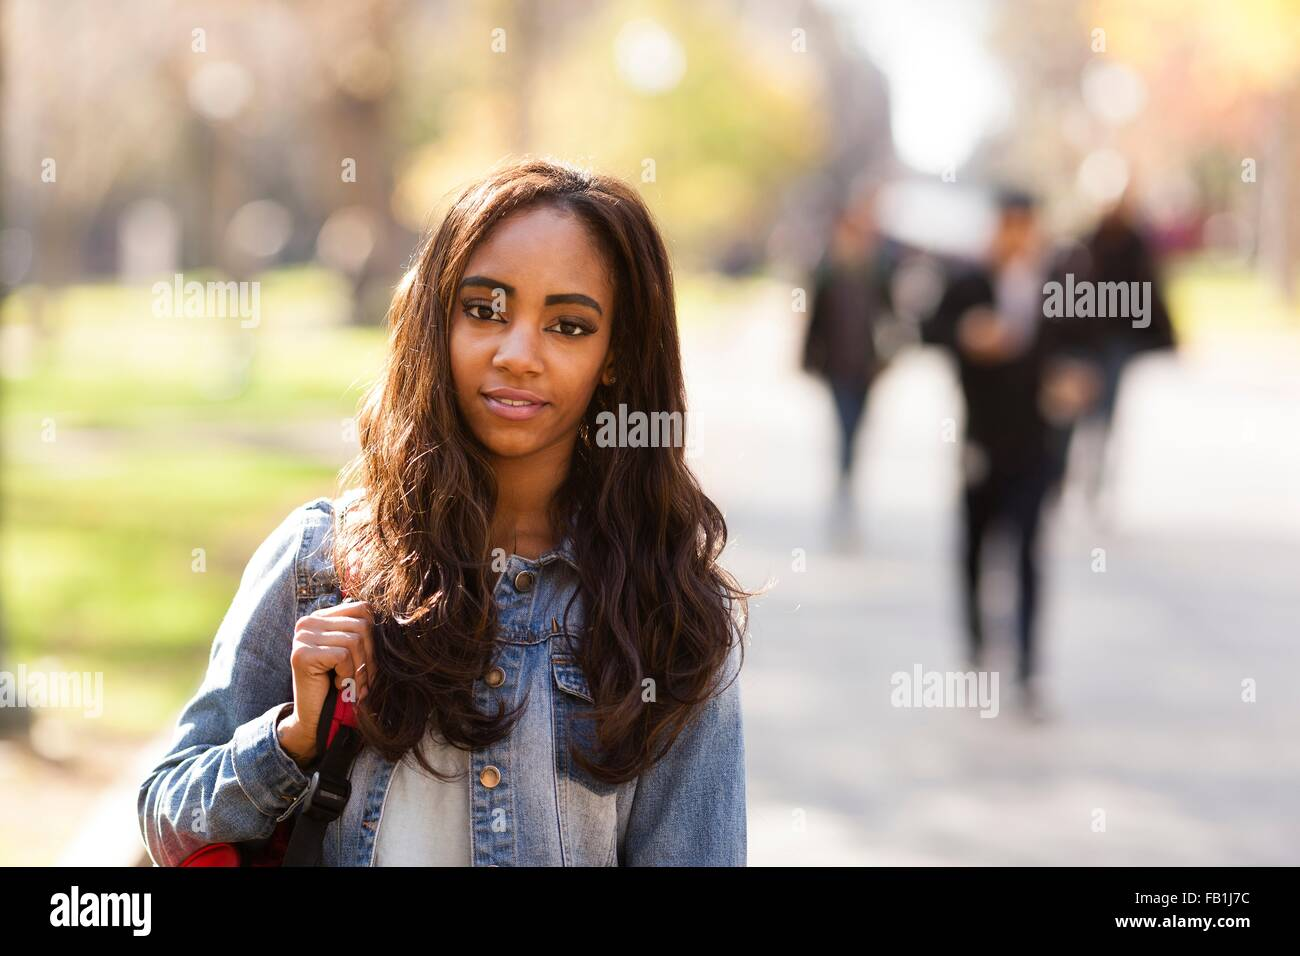 Ritratto di giovane donna con capelli lunghi marrone indossando giacca denim guardando sorridente della fotocamera Immagini Stock